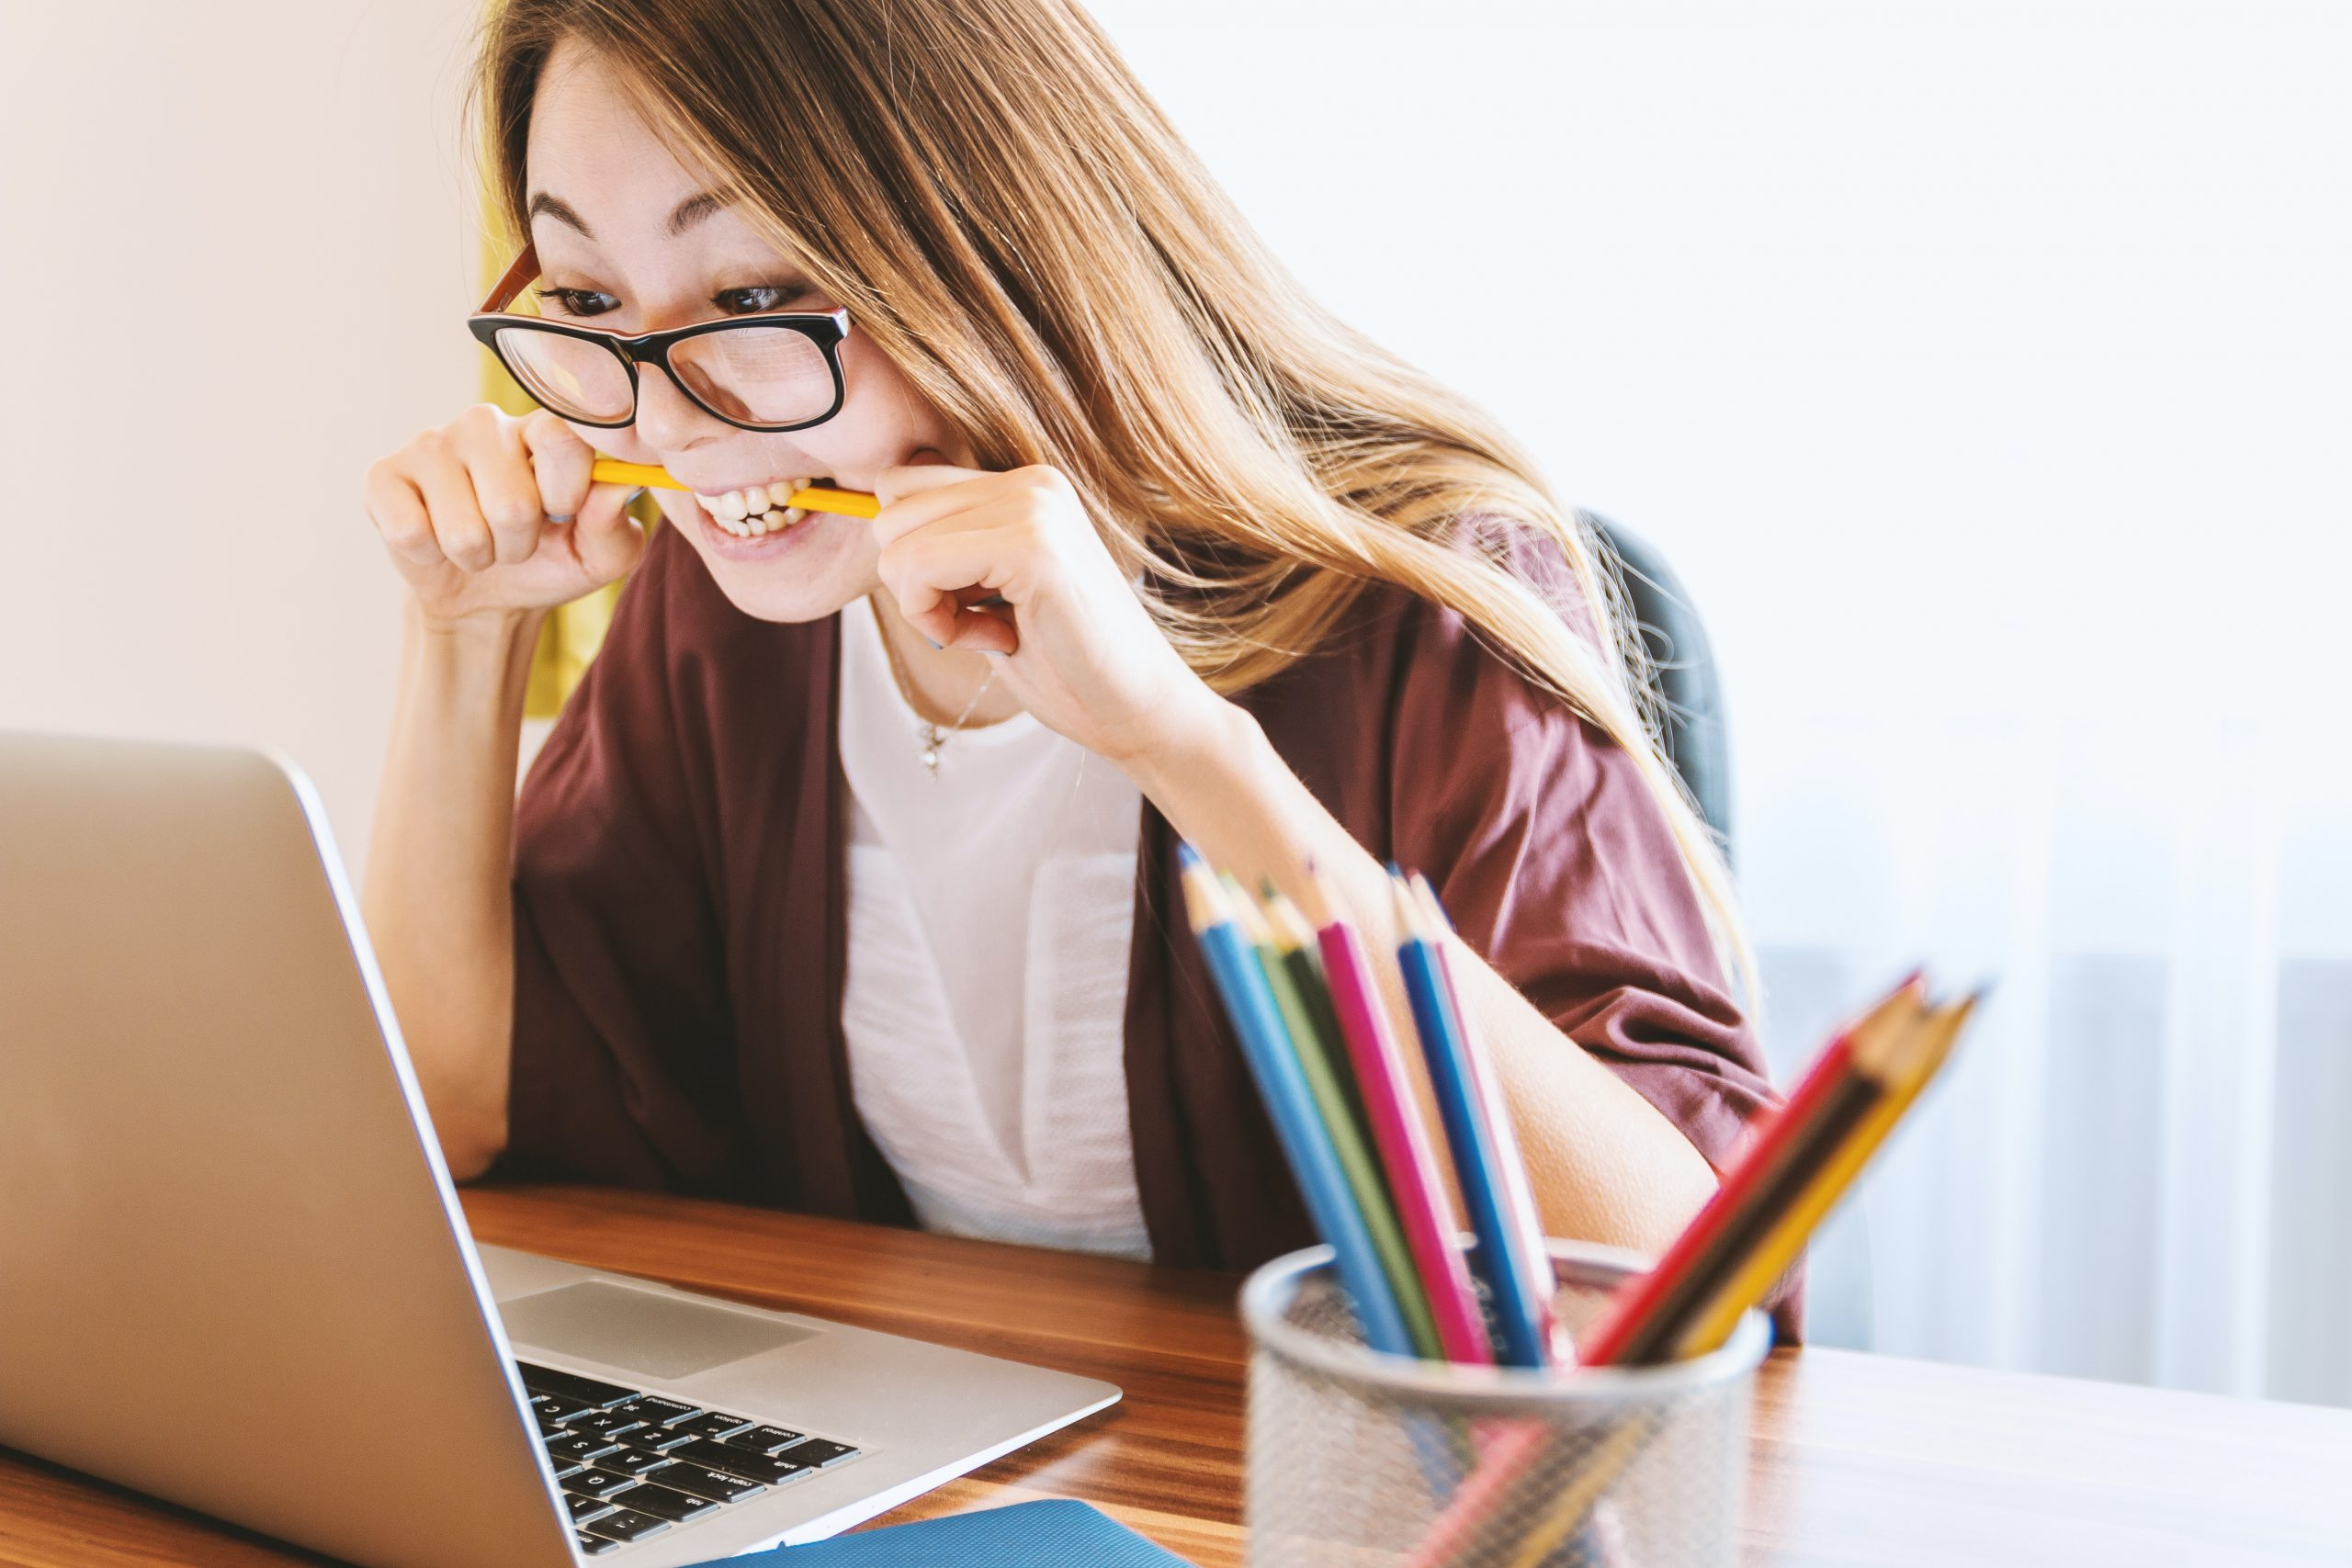 Imagem de uma mulher mordendo um lápis em frente ao computador.